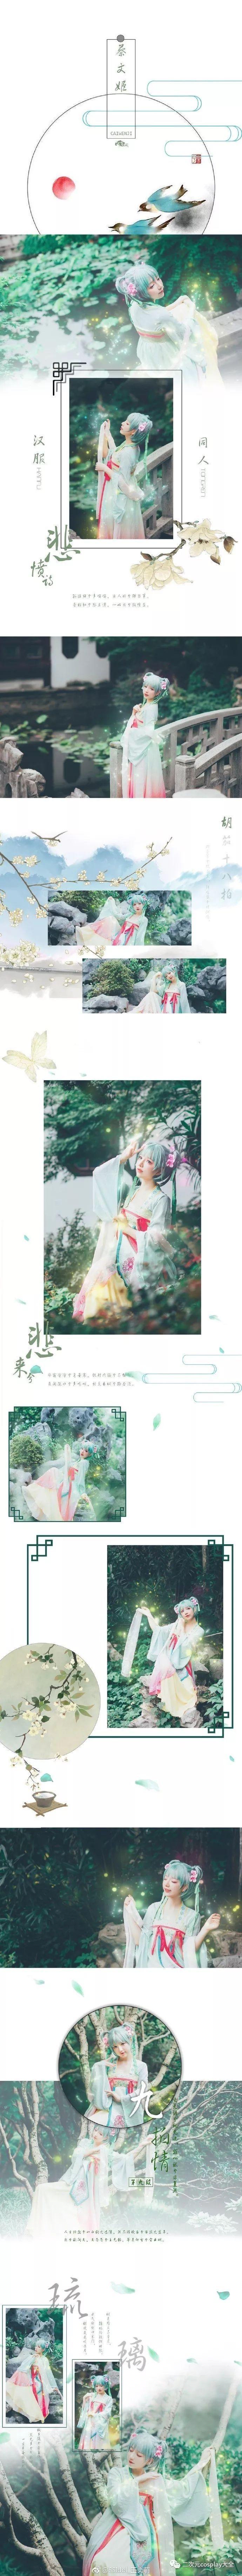 《王者荣耀》蔡文姬同人汉服cos,文雅可爱的甜美小仙女!